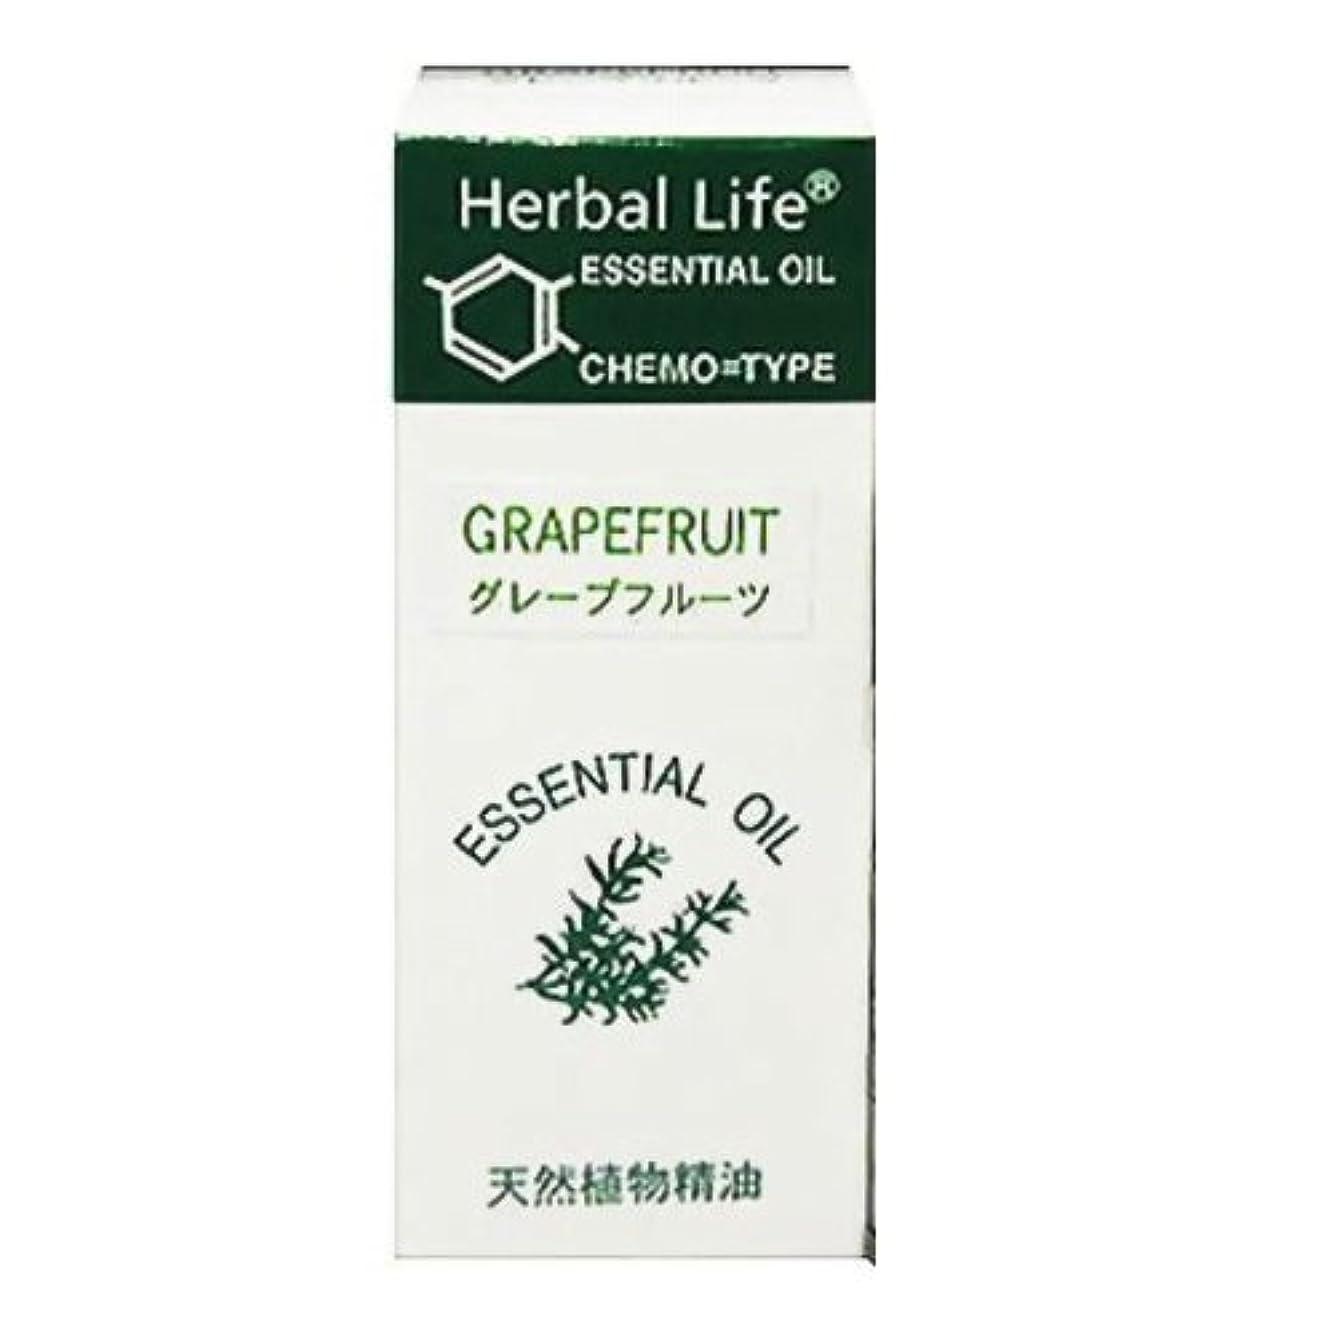 識別する価値職業生活の木 エッセンシャルオイル グレープフルーツ 10ml